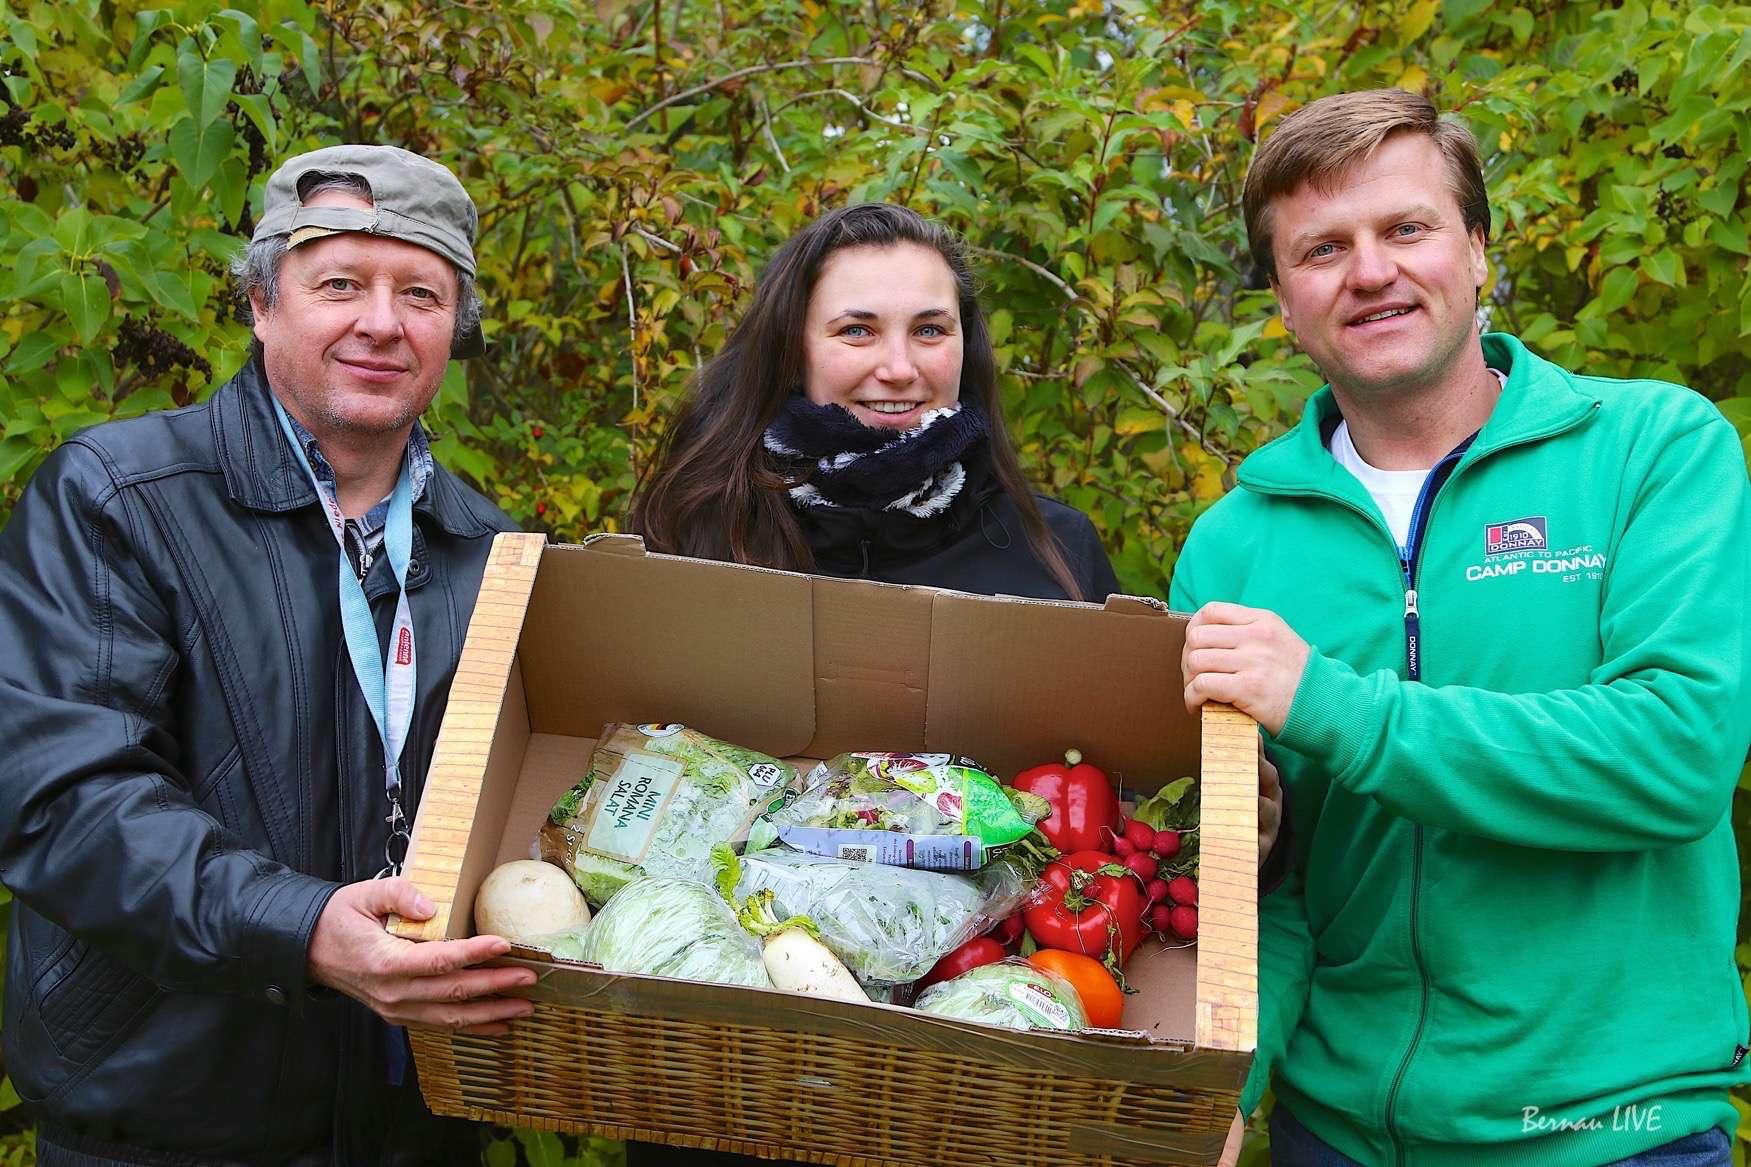 Panketal - Bernau: Foodsharing - Ein Kampf gegen die Wegwerfgesellschaft